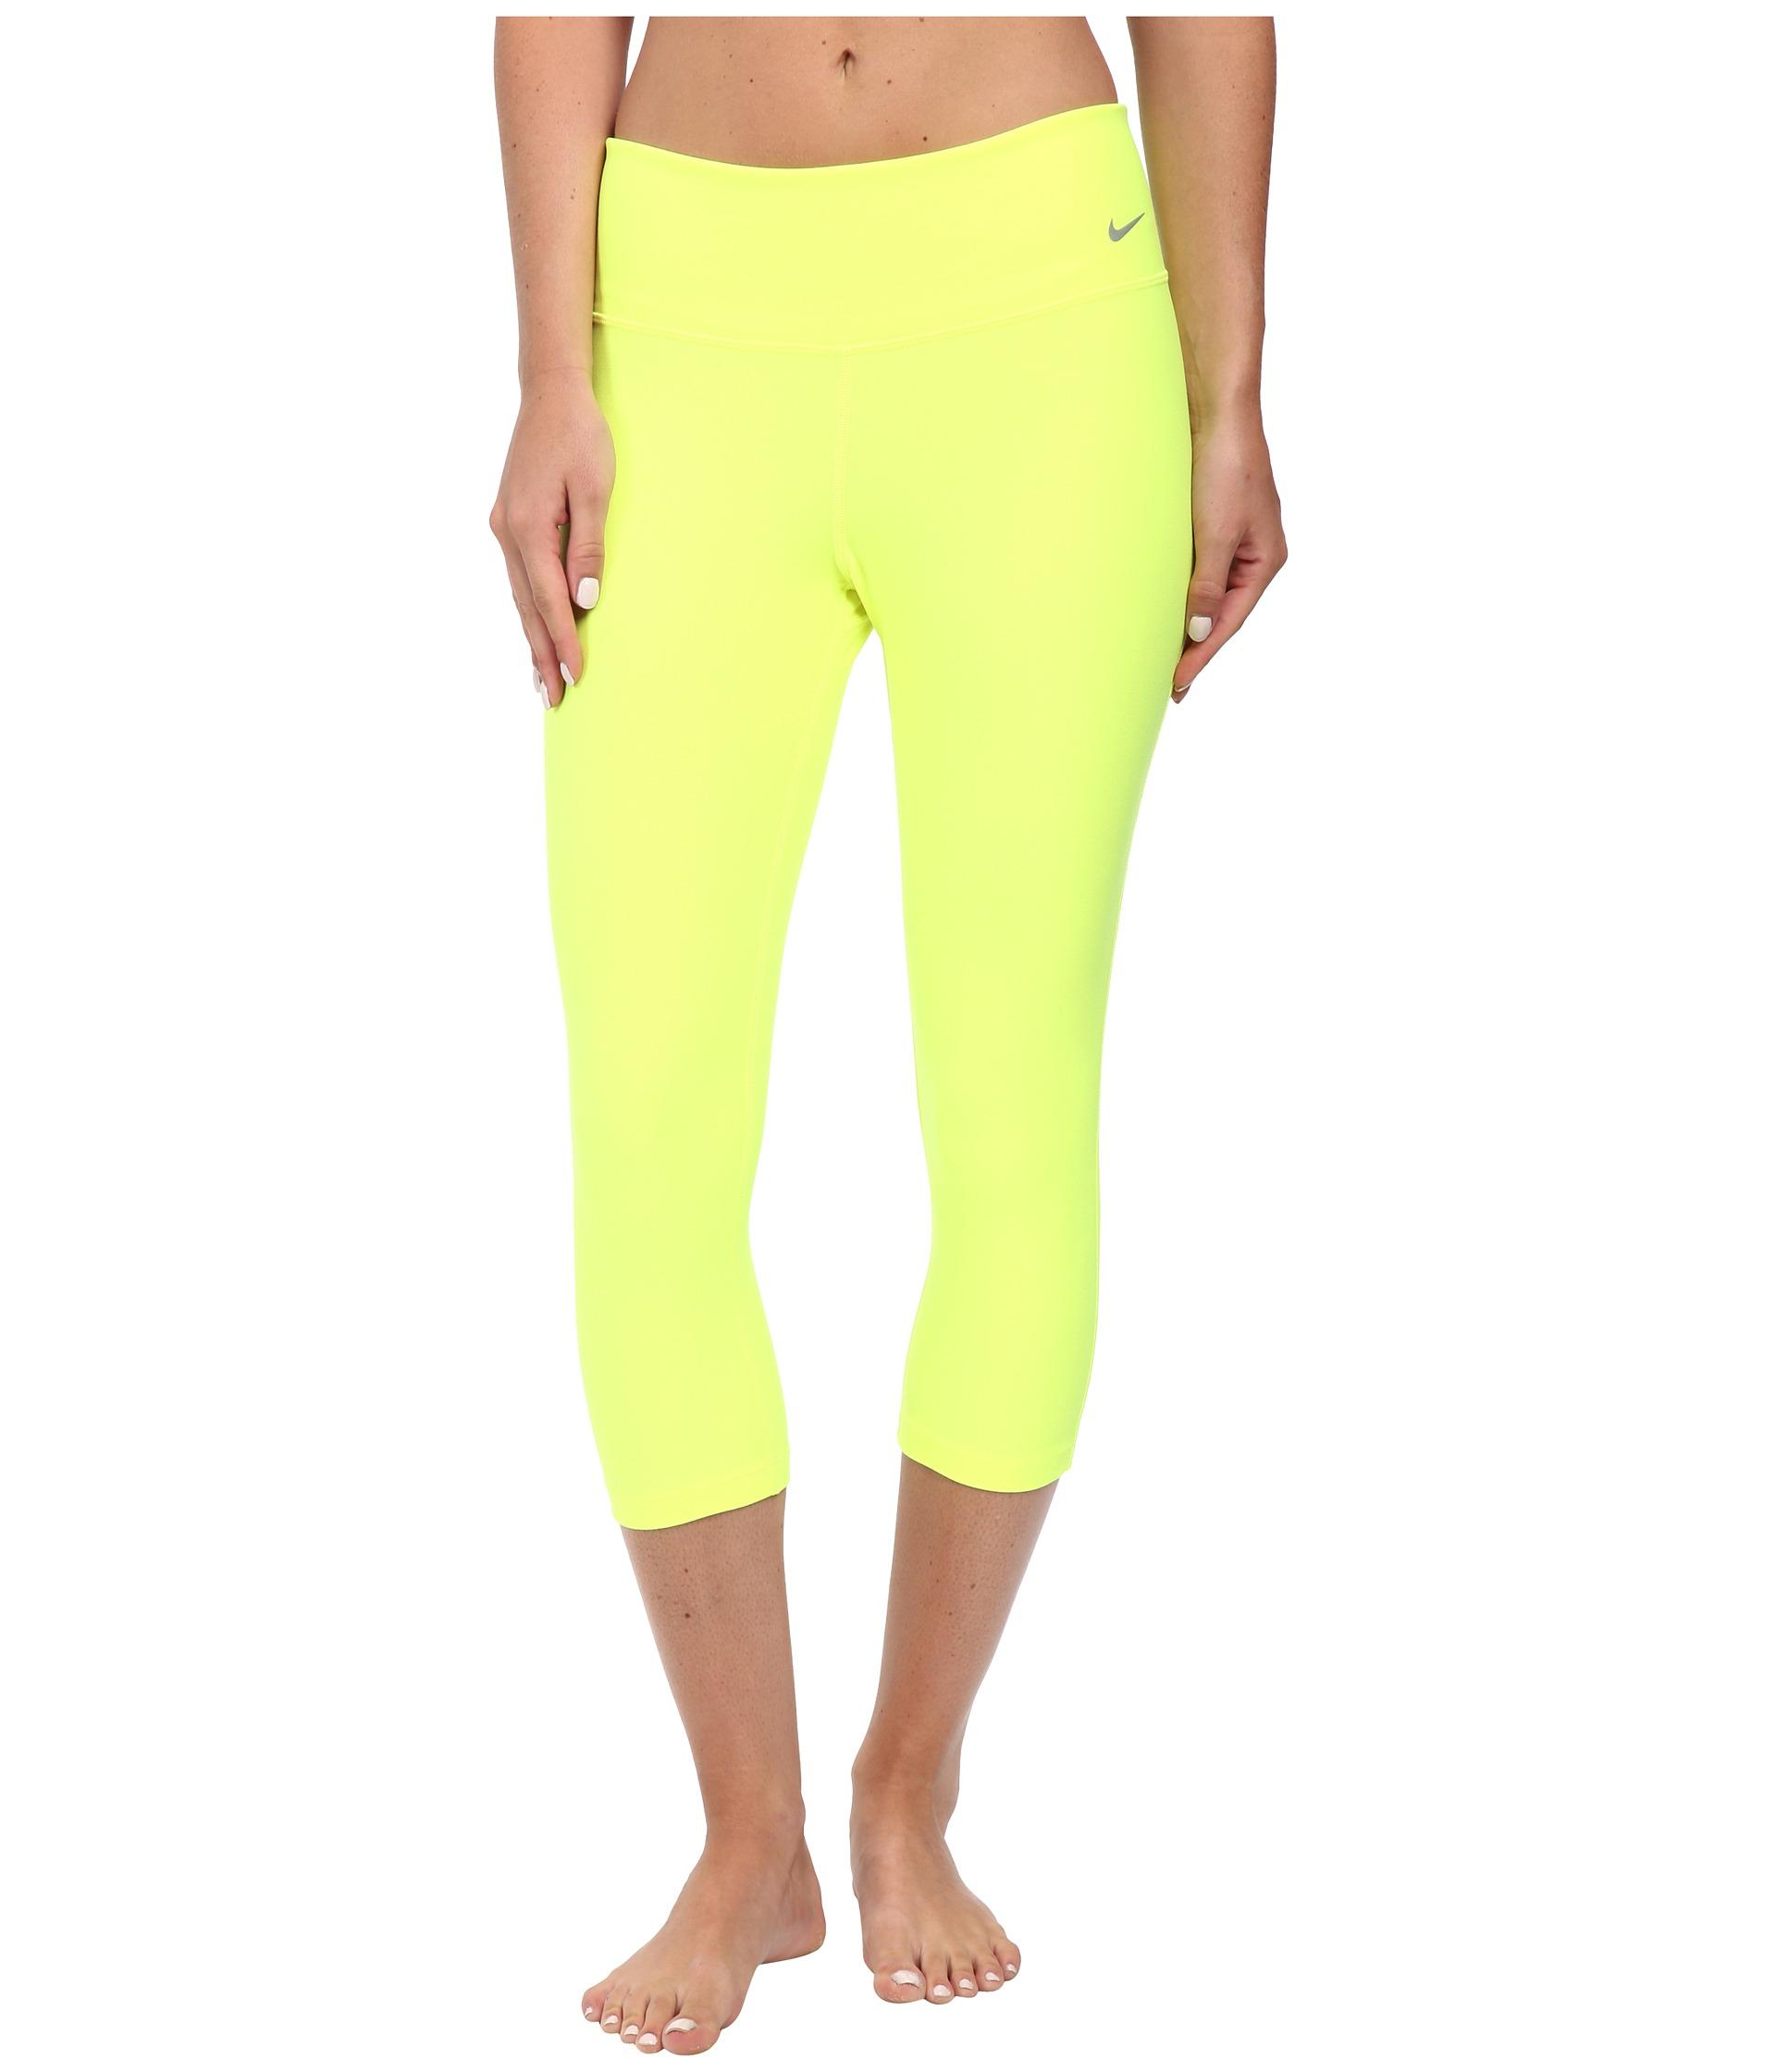 nike yellow leggings